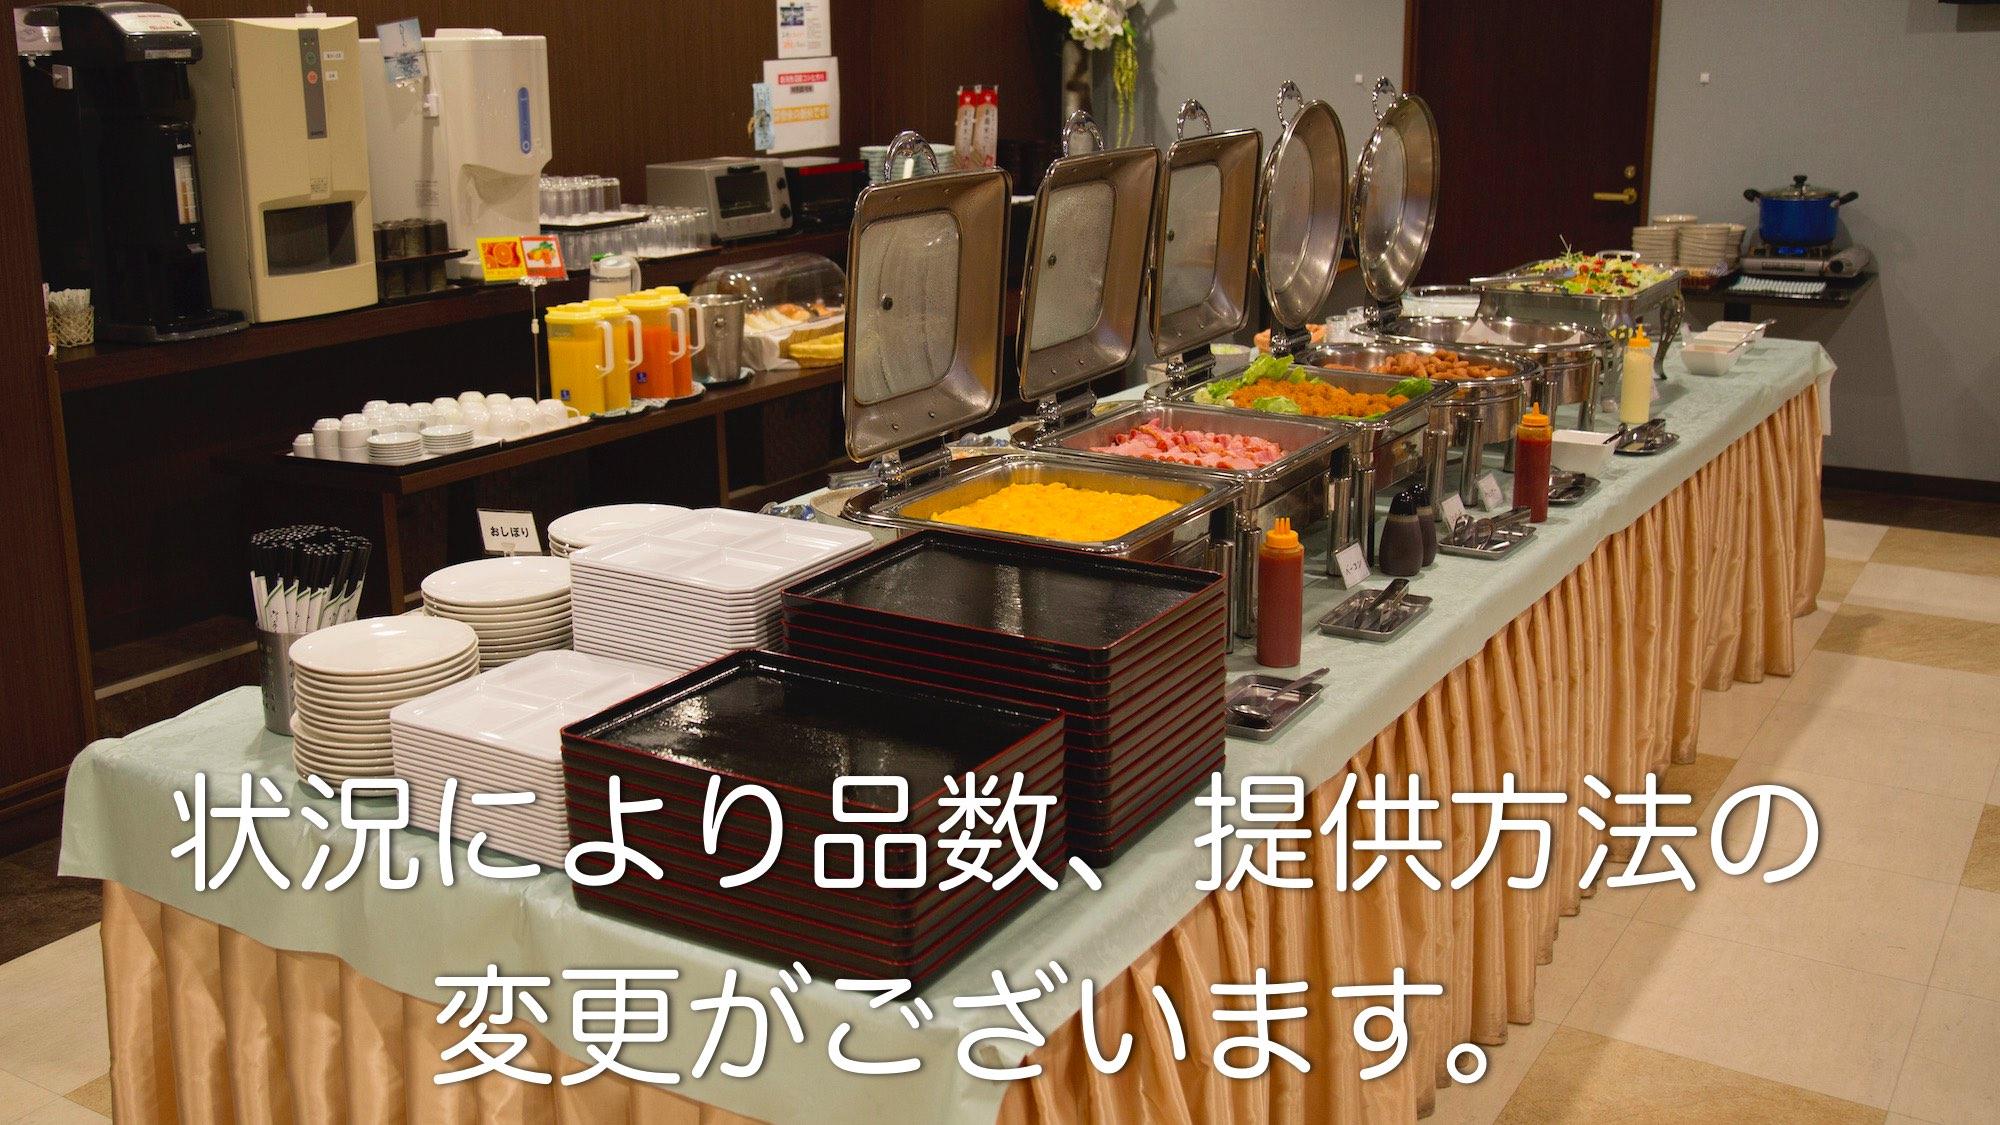 スマイルホテル厚木 【朝食付】★毎日安心価格★